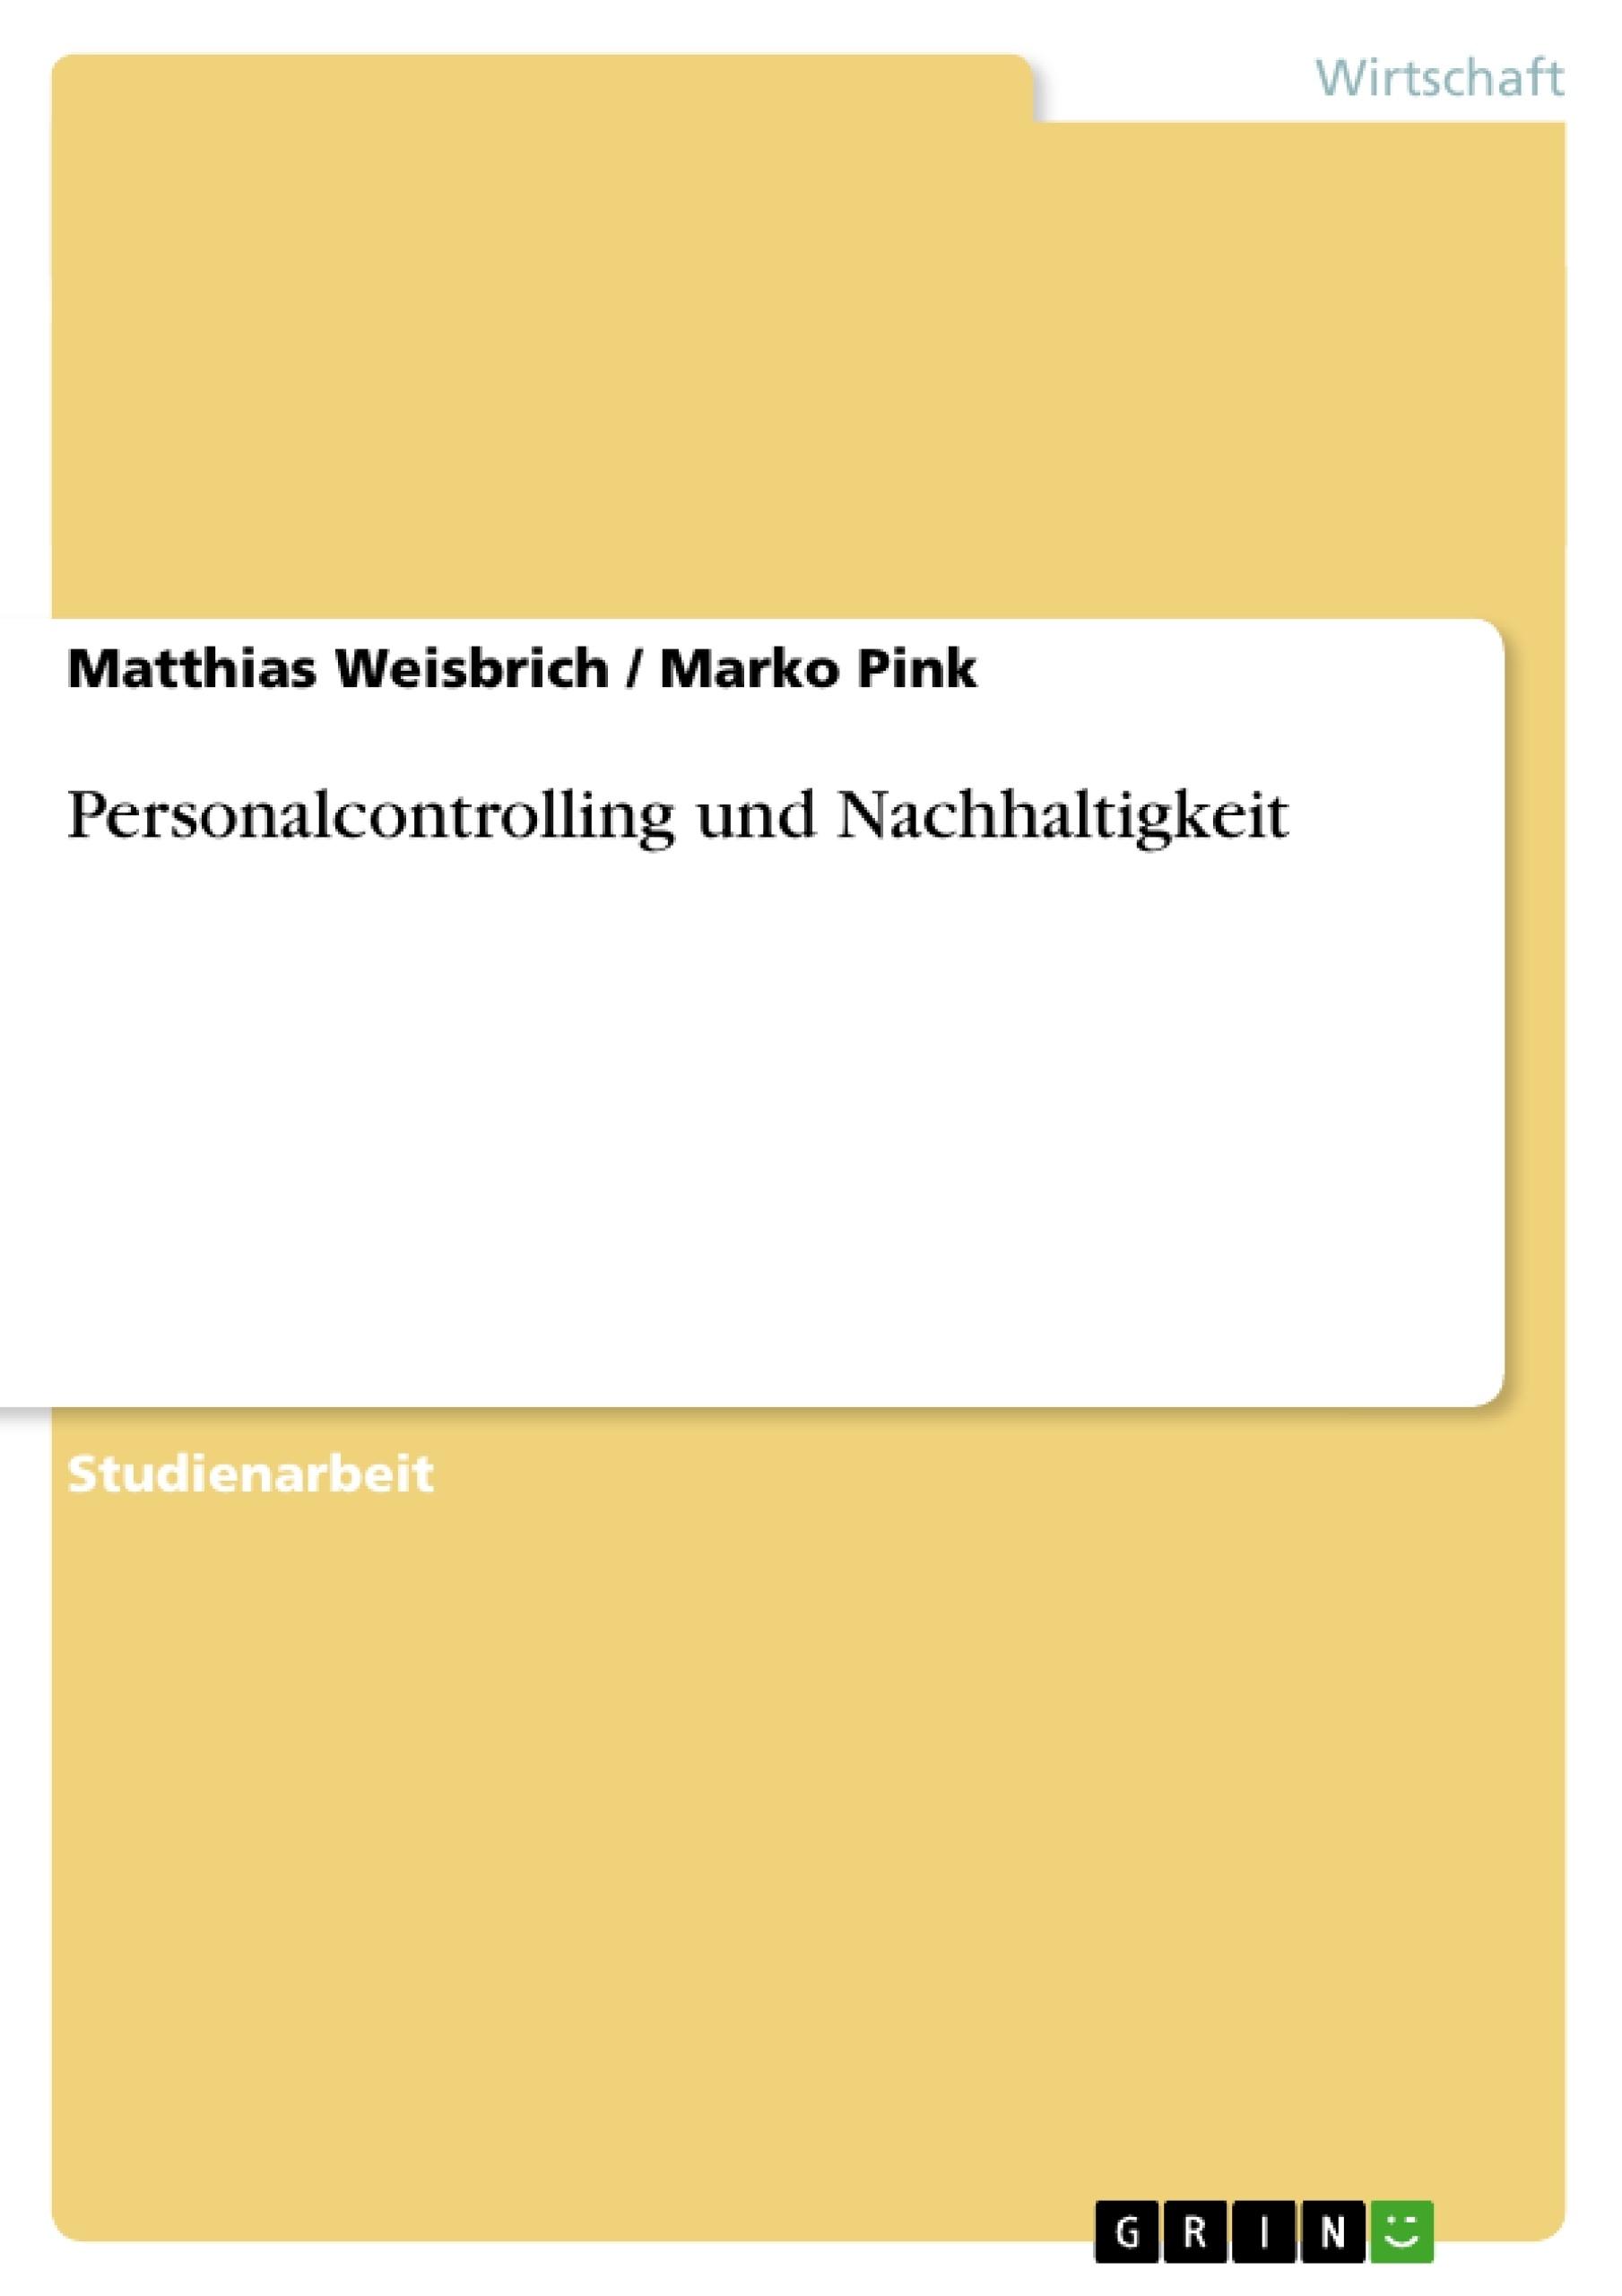 Titel: Personalcontrolling und Nachhaltigkeit